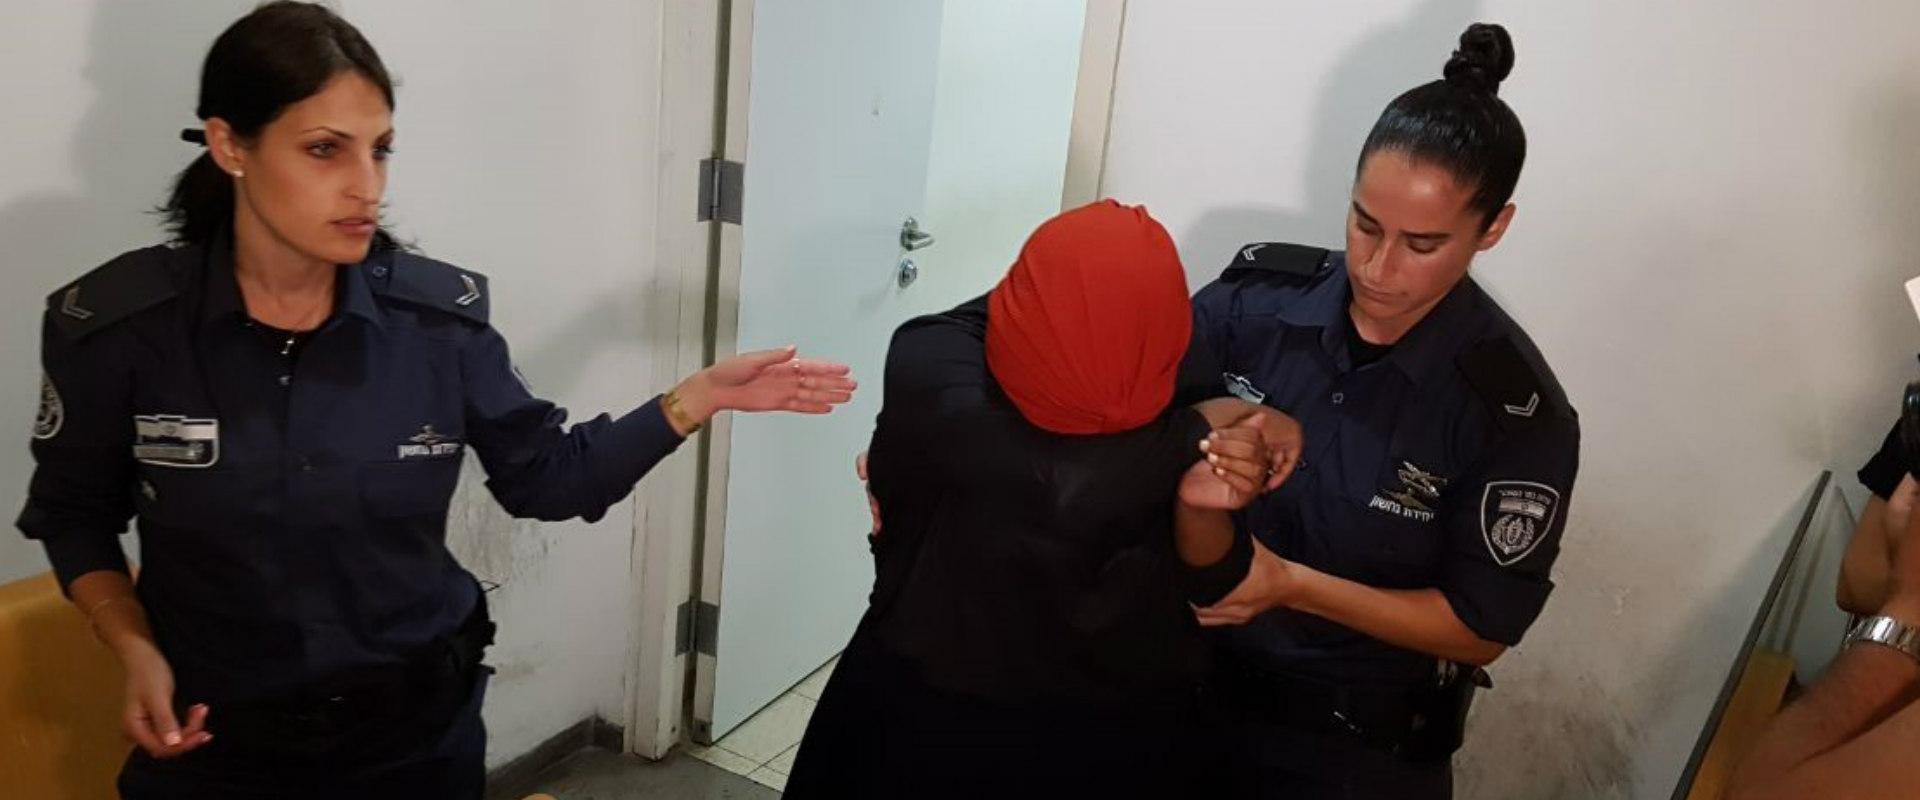 האם החשודה מובאת להארכת מעצרה